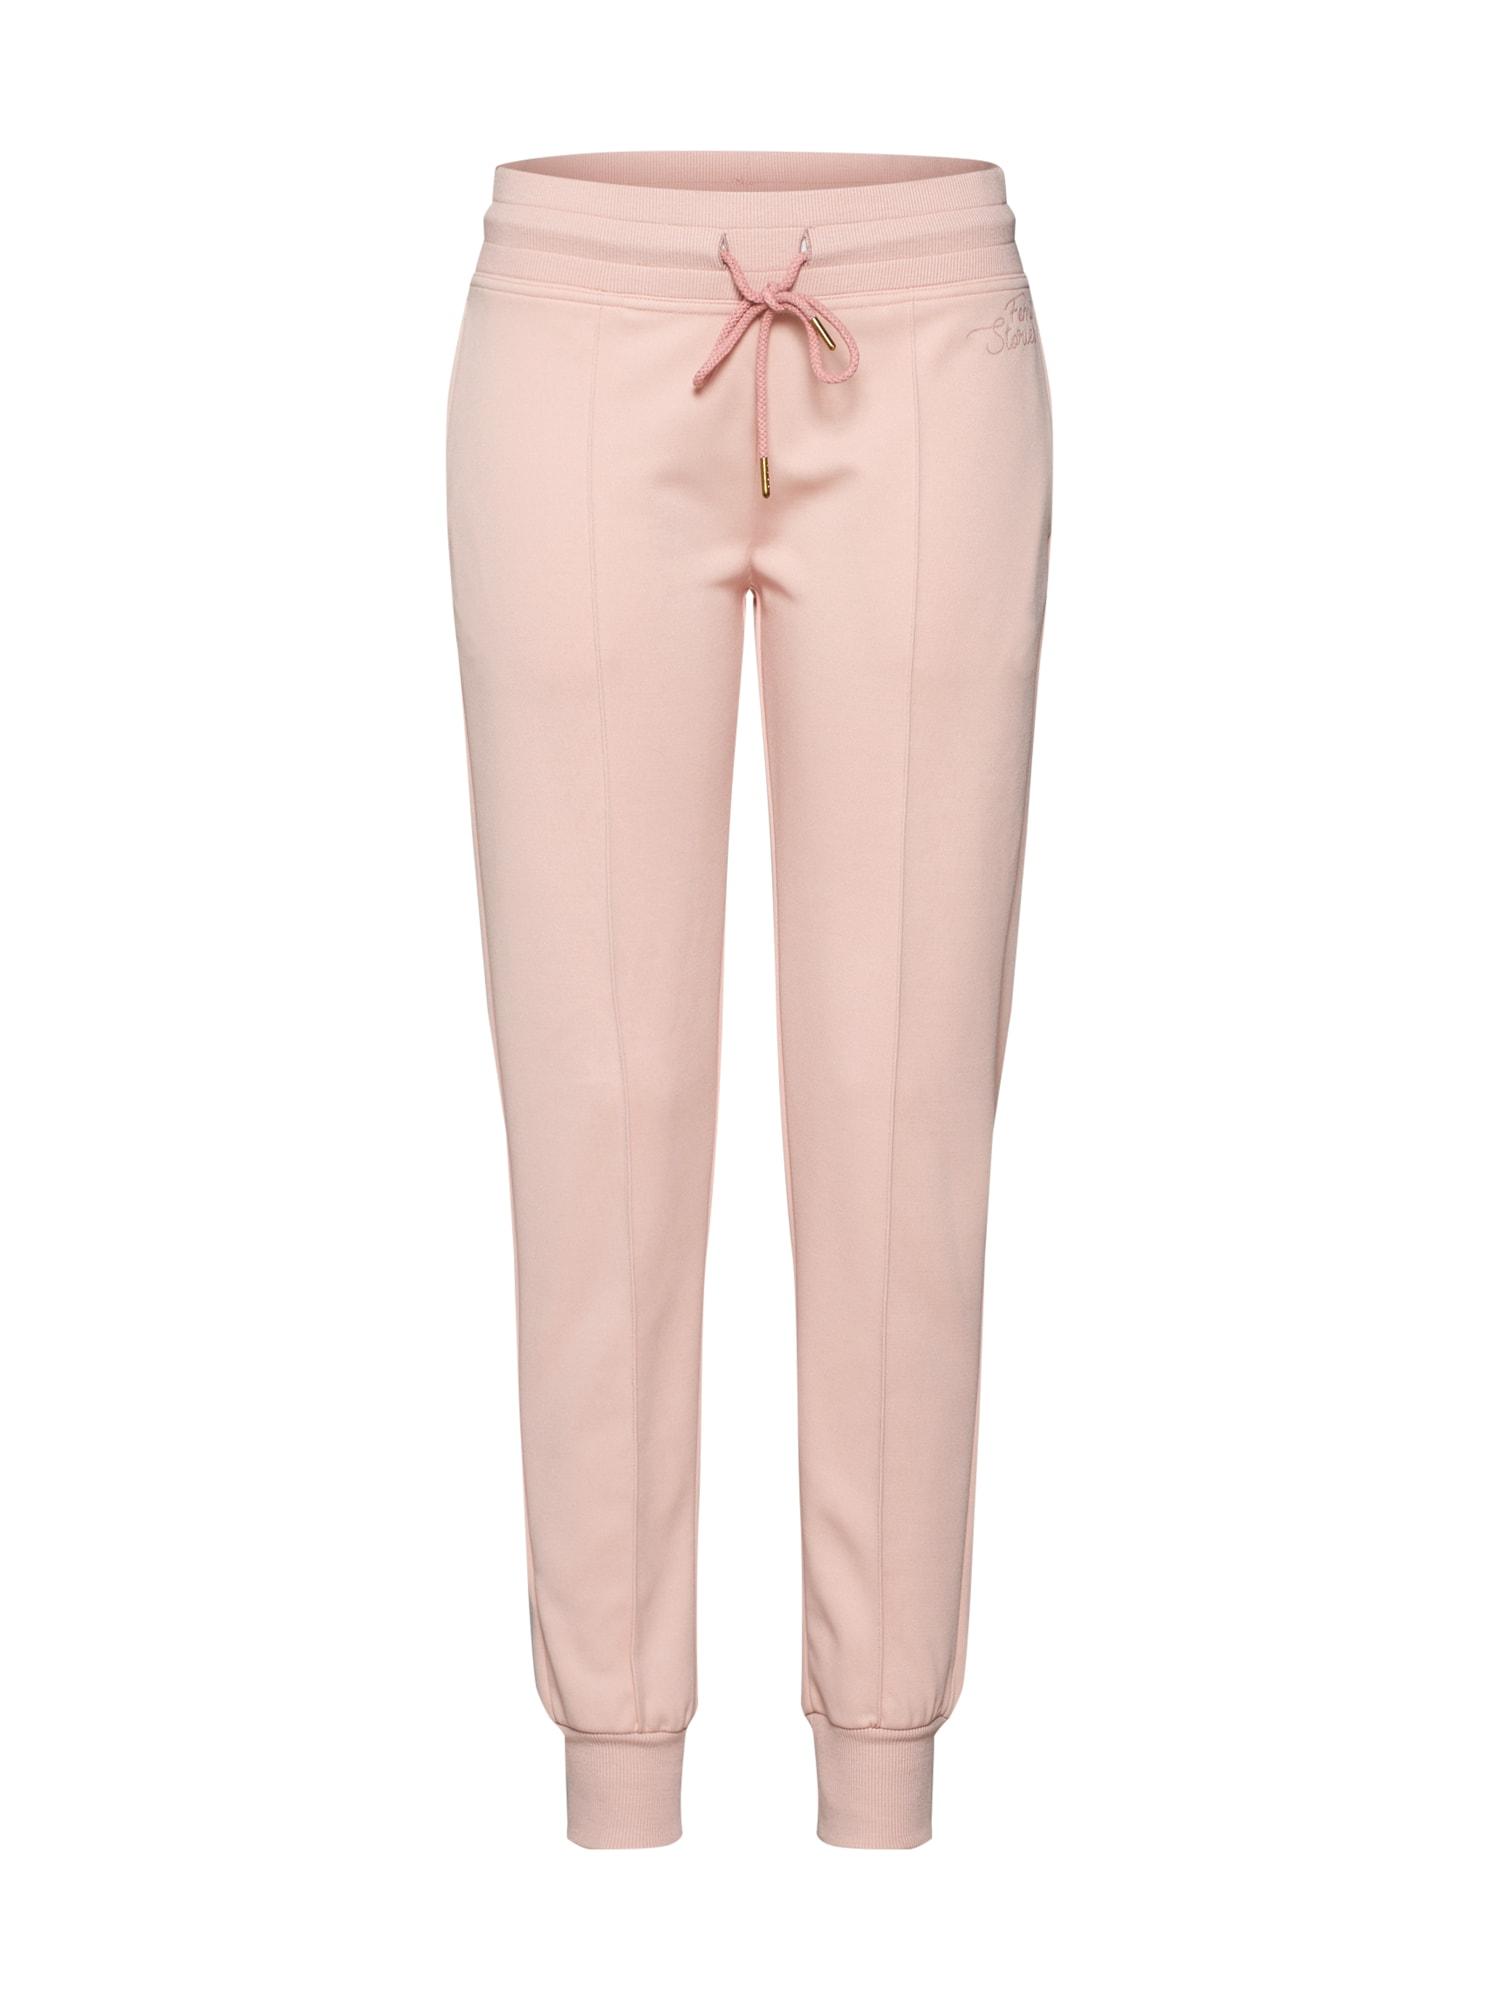 Kalhoty FANCY růžová Femi Stories